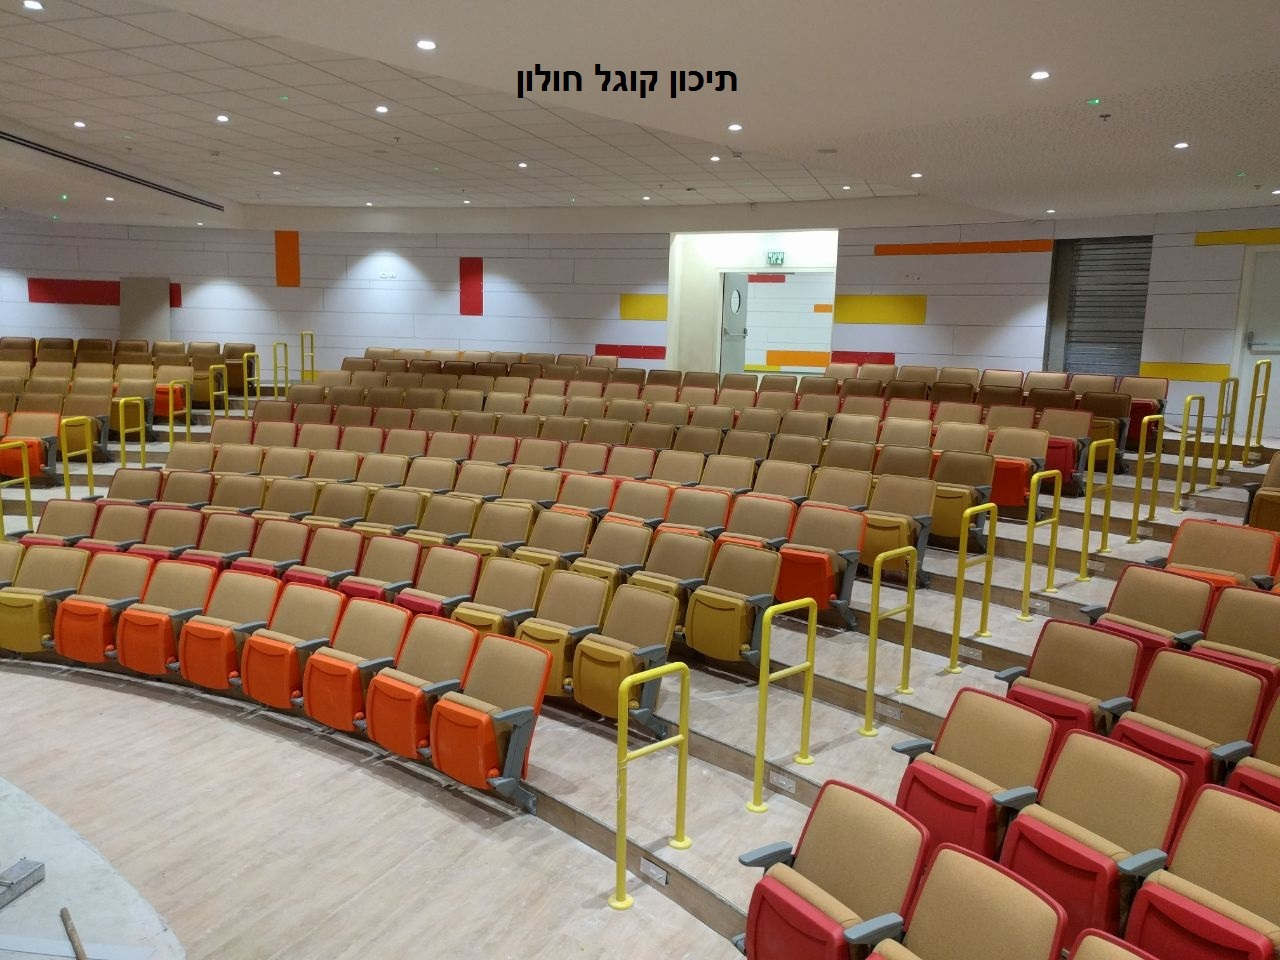 אודיטוריום בית ספר קוגל כיסאות IRWIN- CITATION (2)